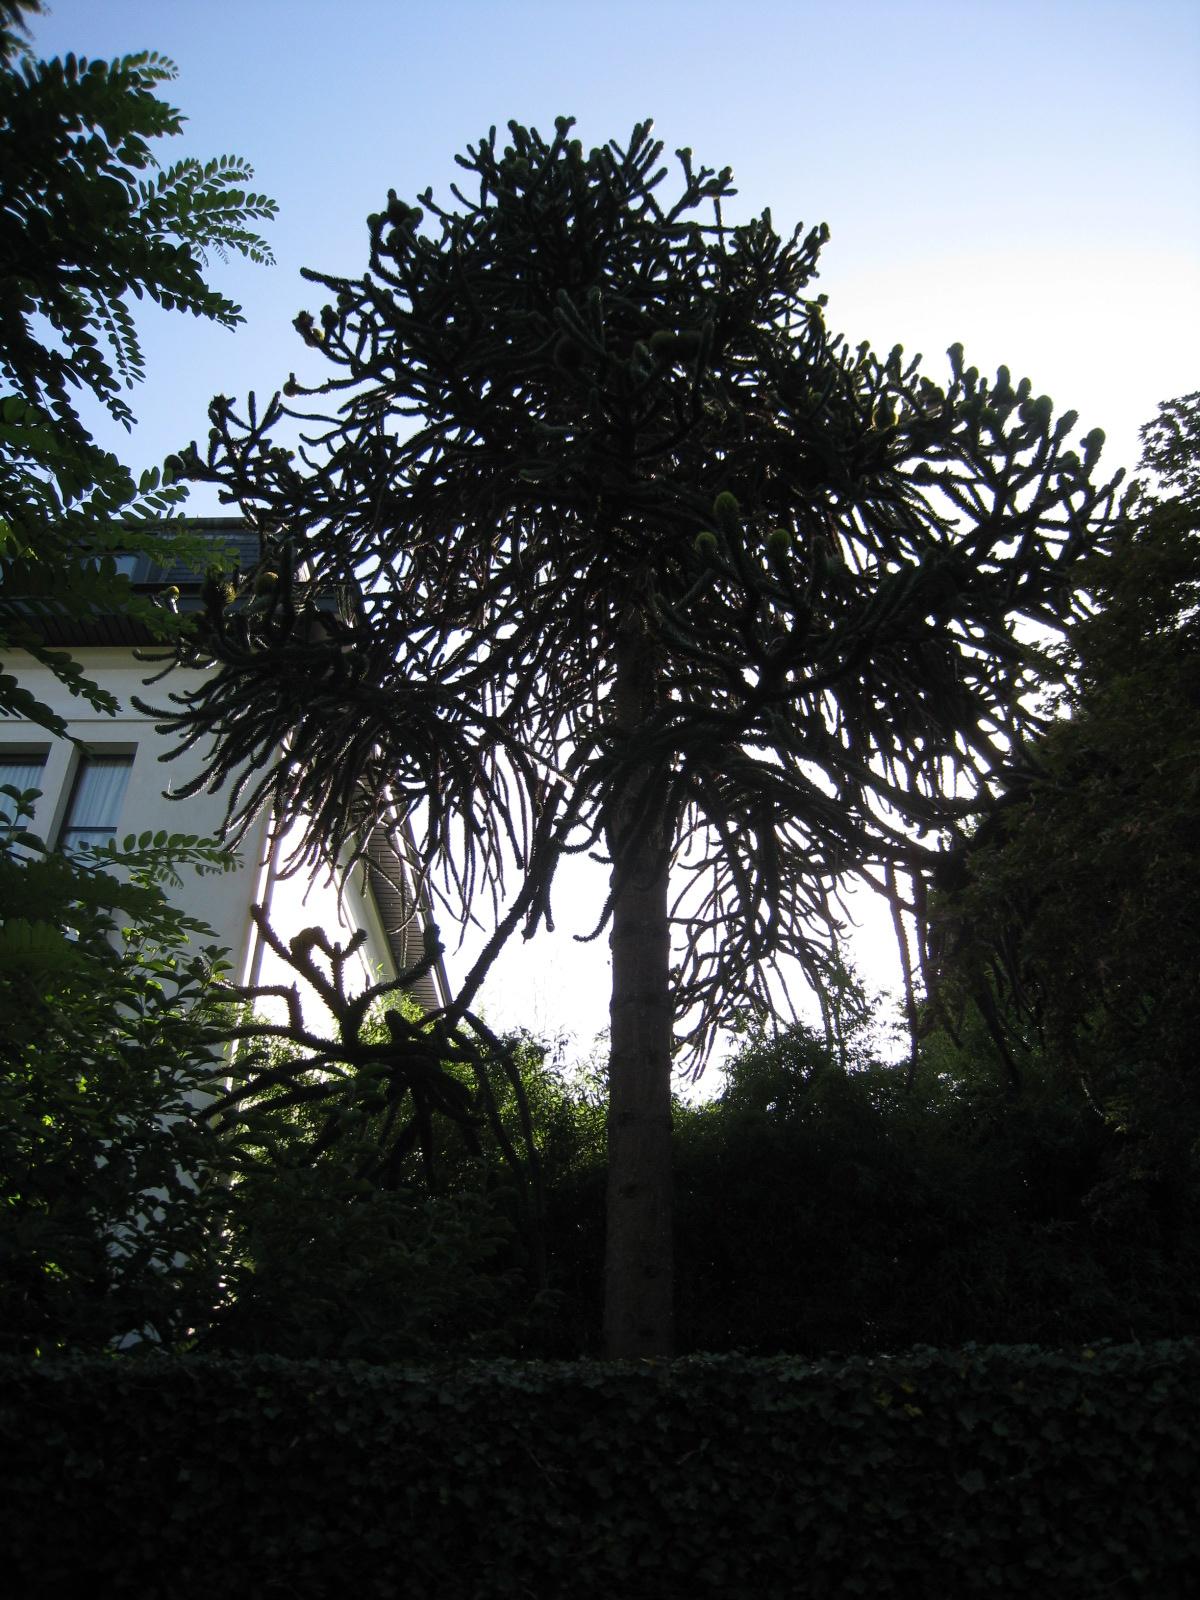 Araucaria du Chili – Uccle, Avenue Léo Errera, 70 –  20 Août 2010